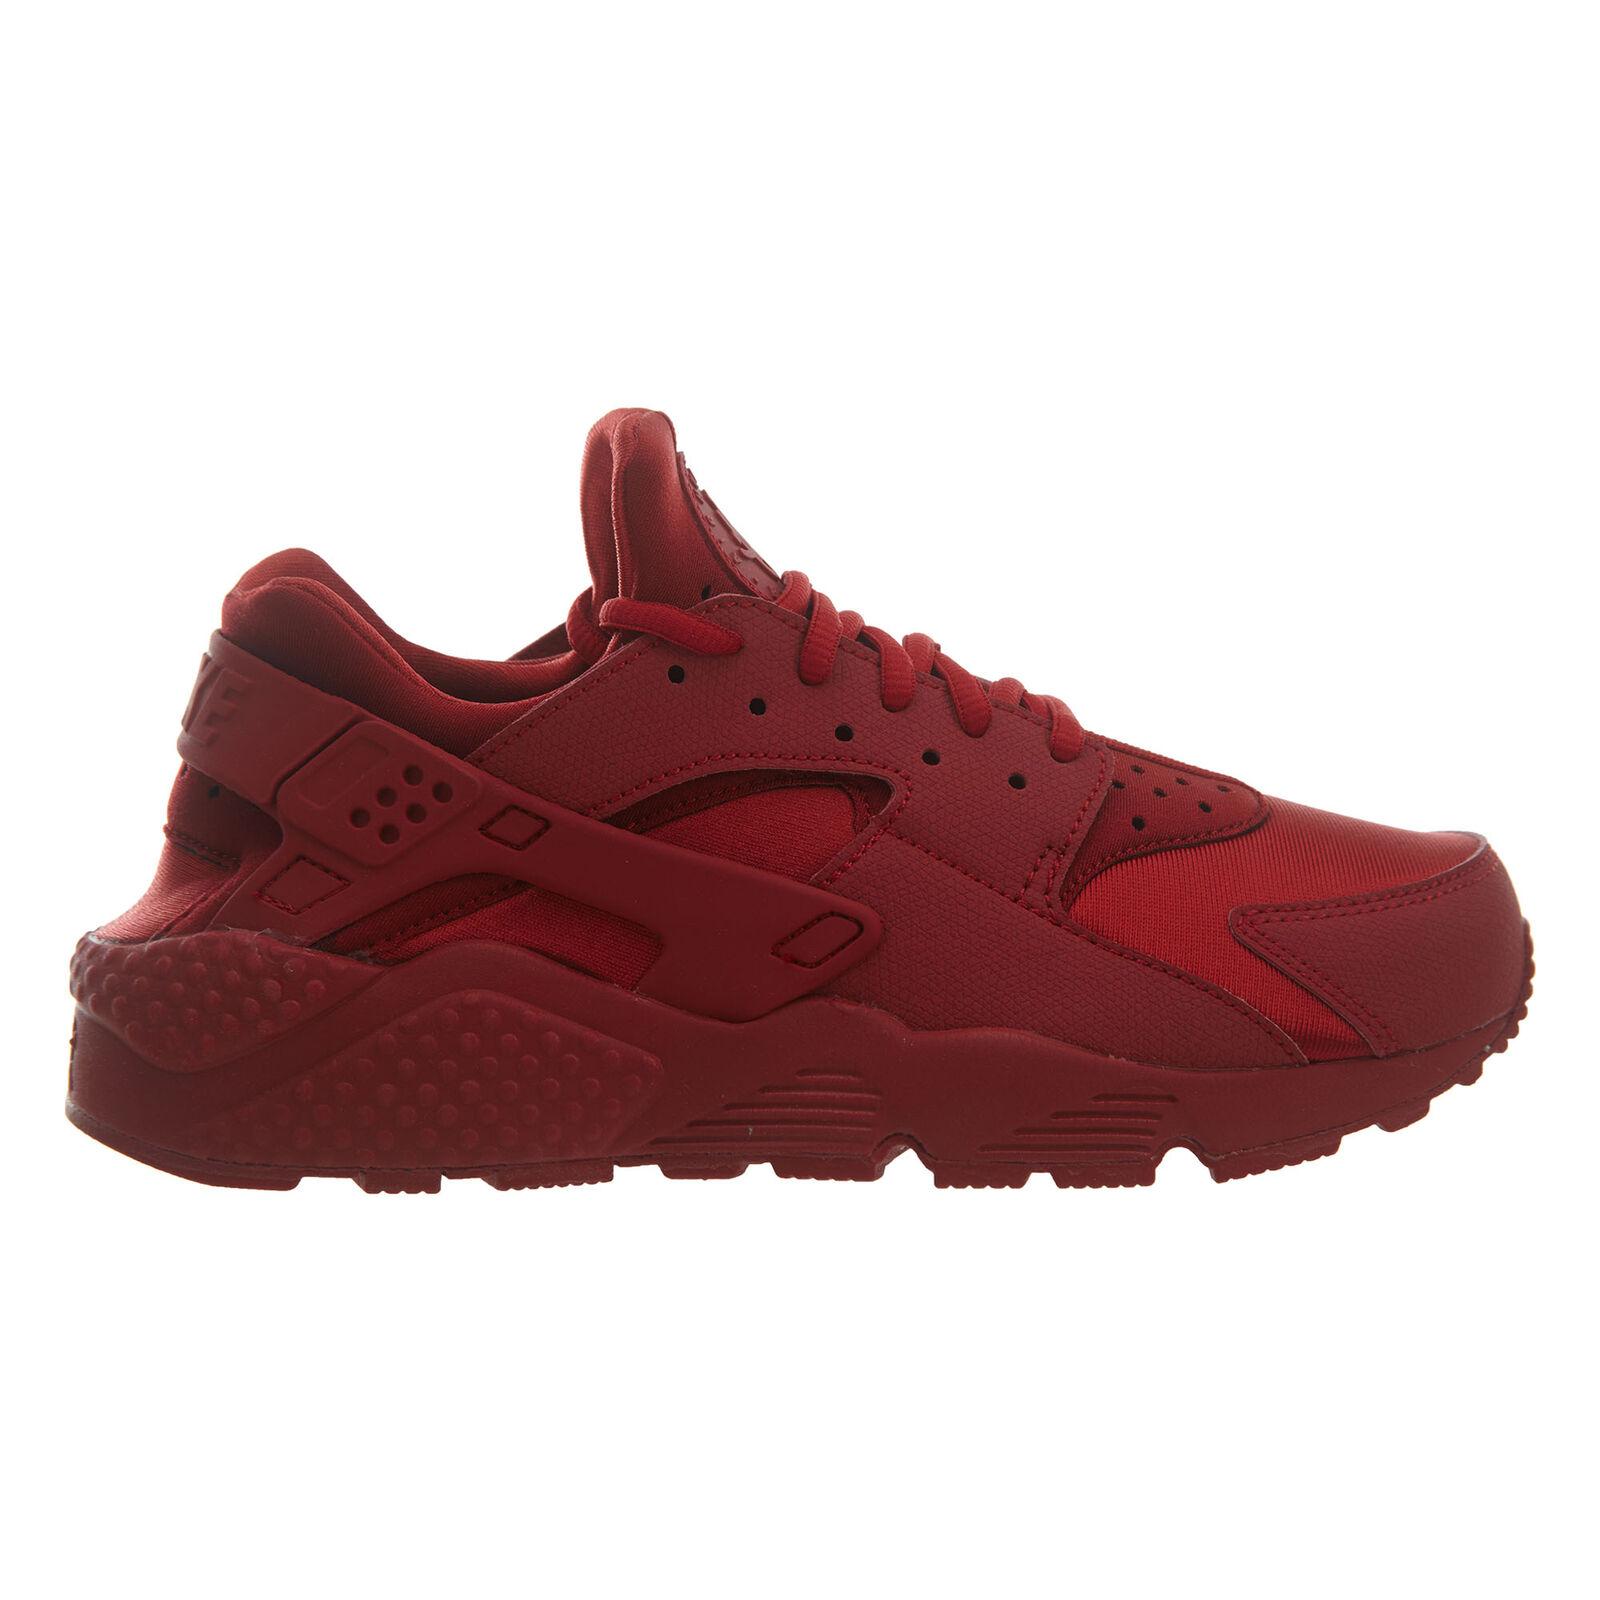 Nike Air Huarache Run Womens 634835-601 Gym Red Athletic Running Shoes